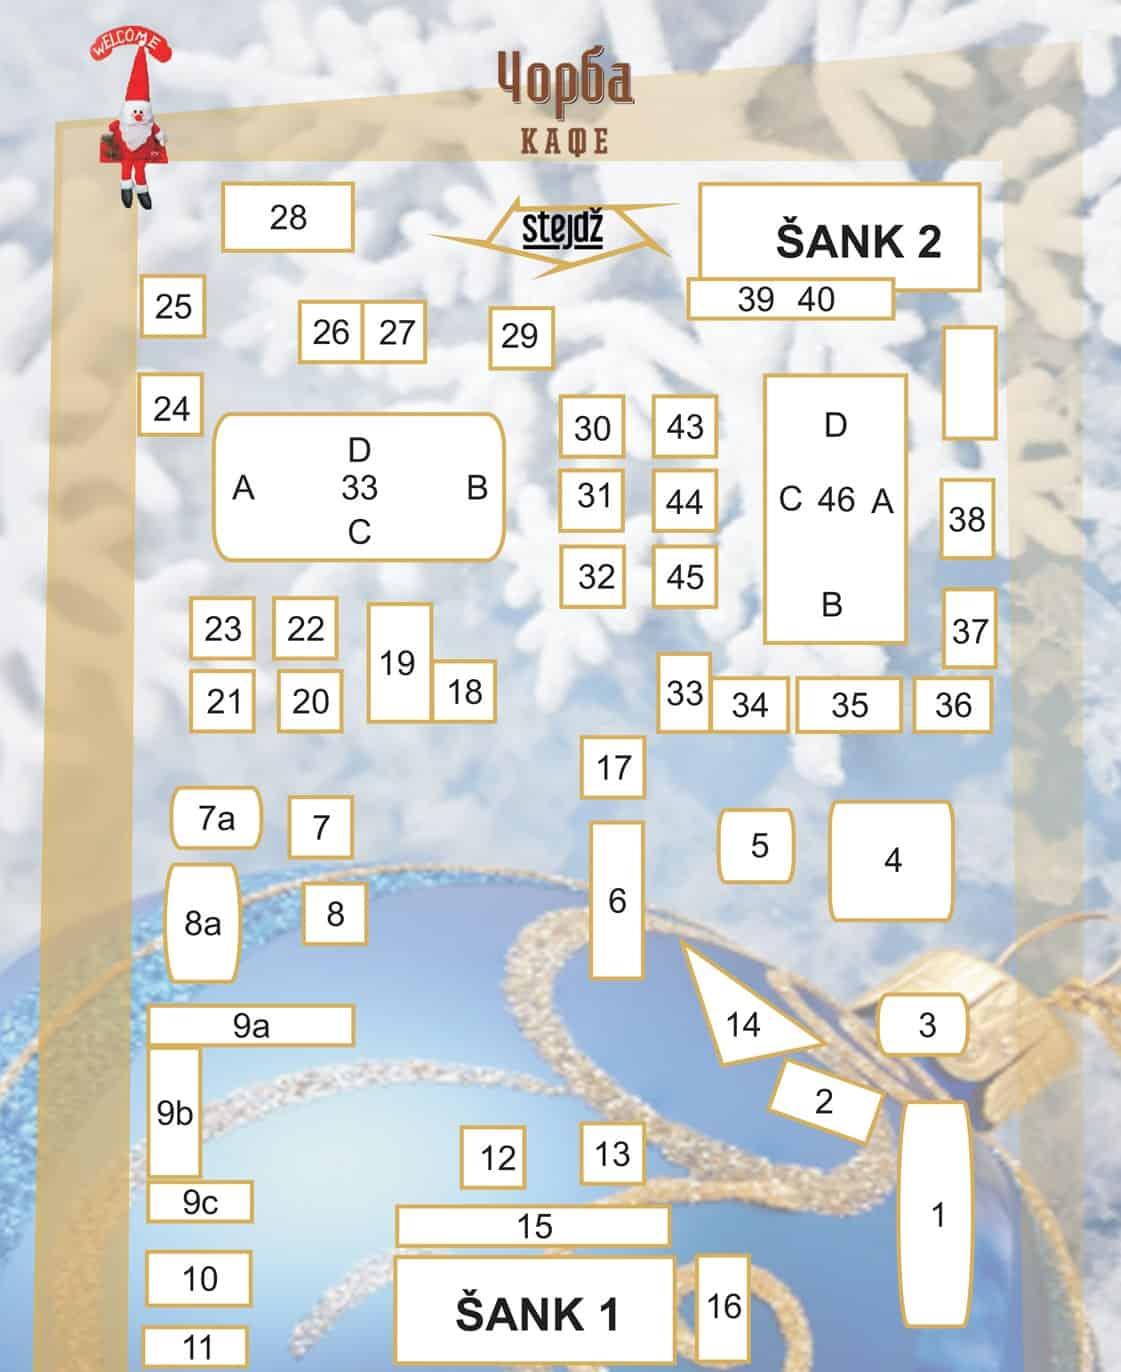 Docek Nove godine Beograd 2020 Corba Kafe mapa